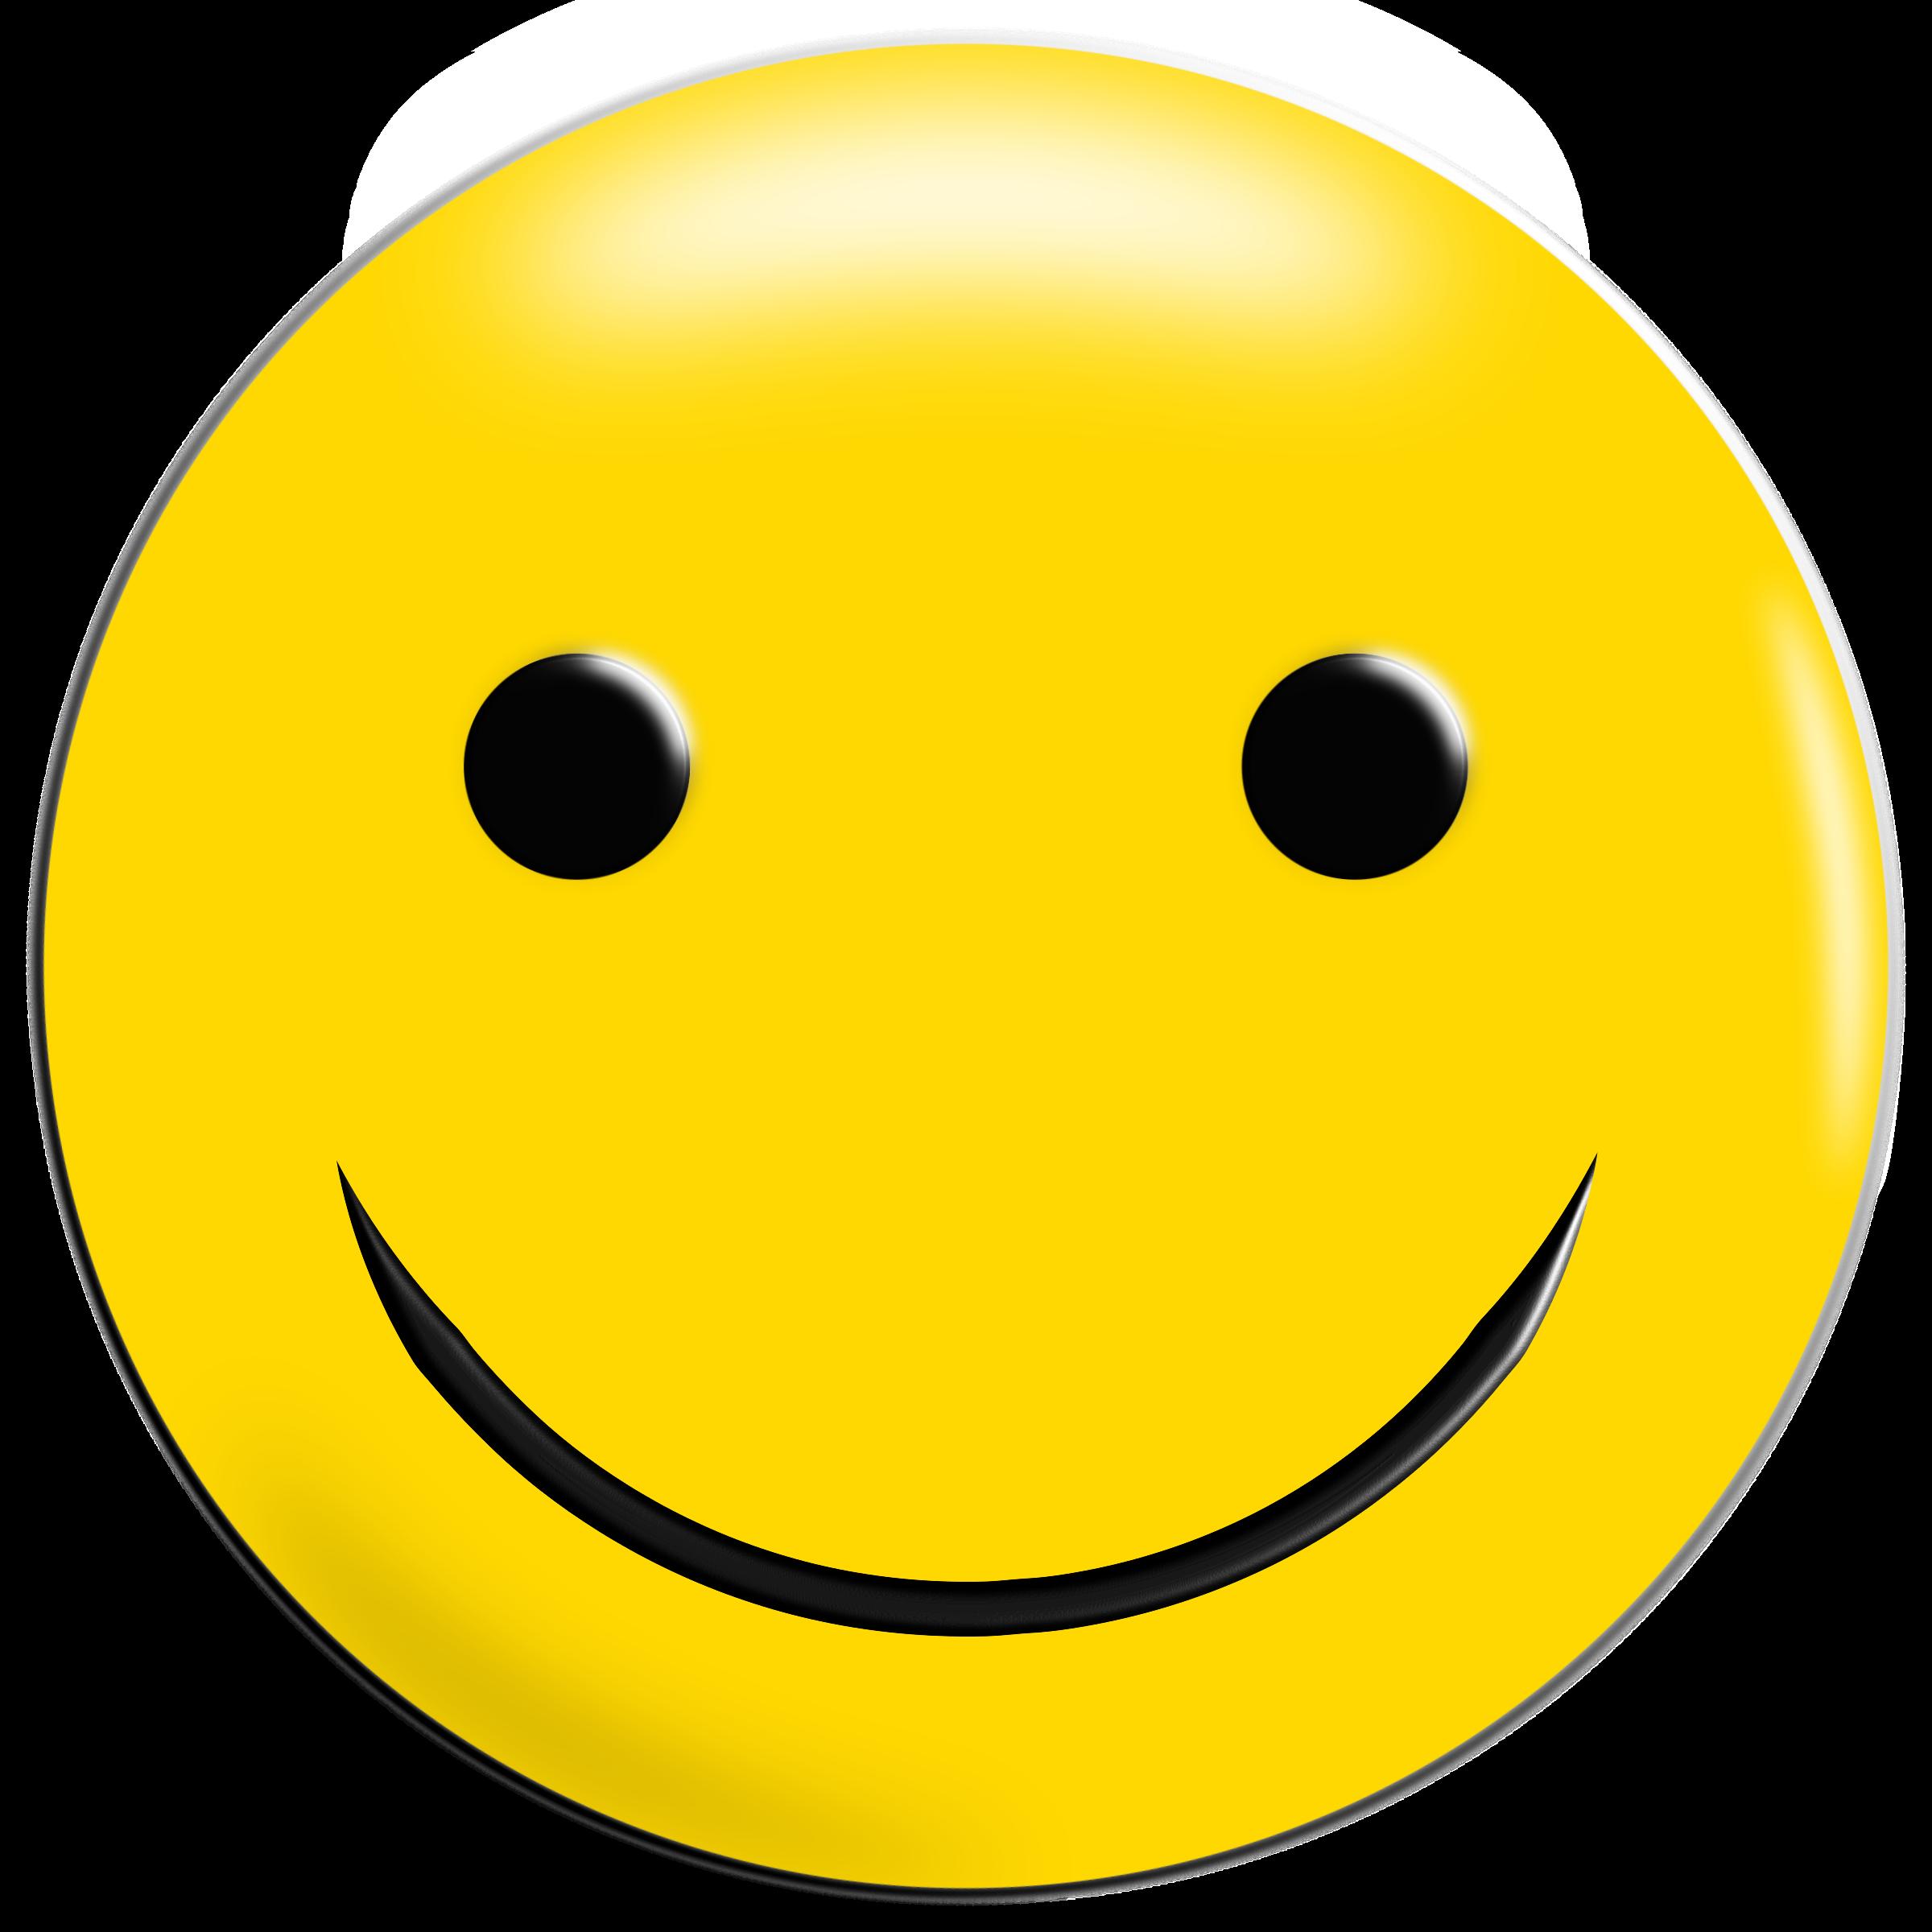 Emoticon Smiley Face Clip art.